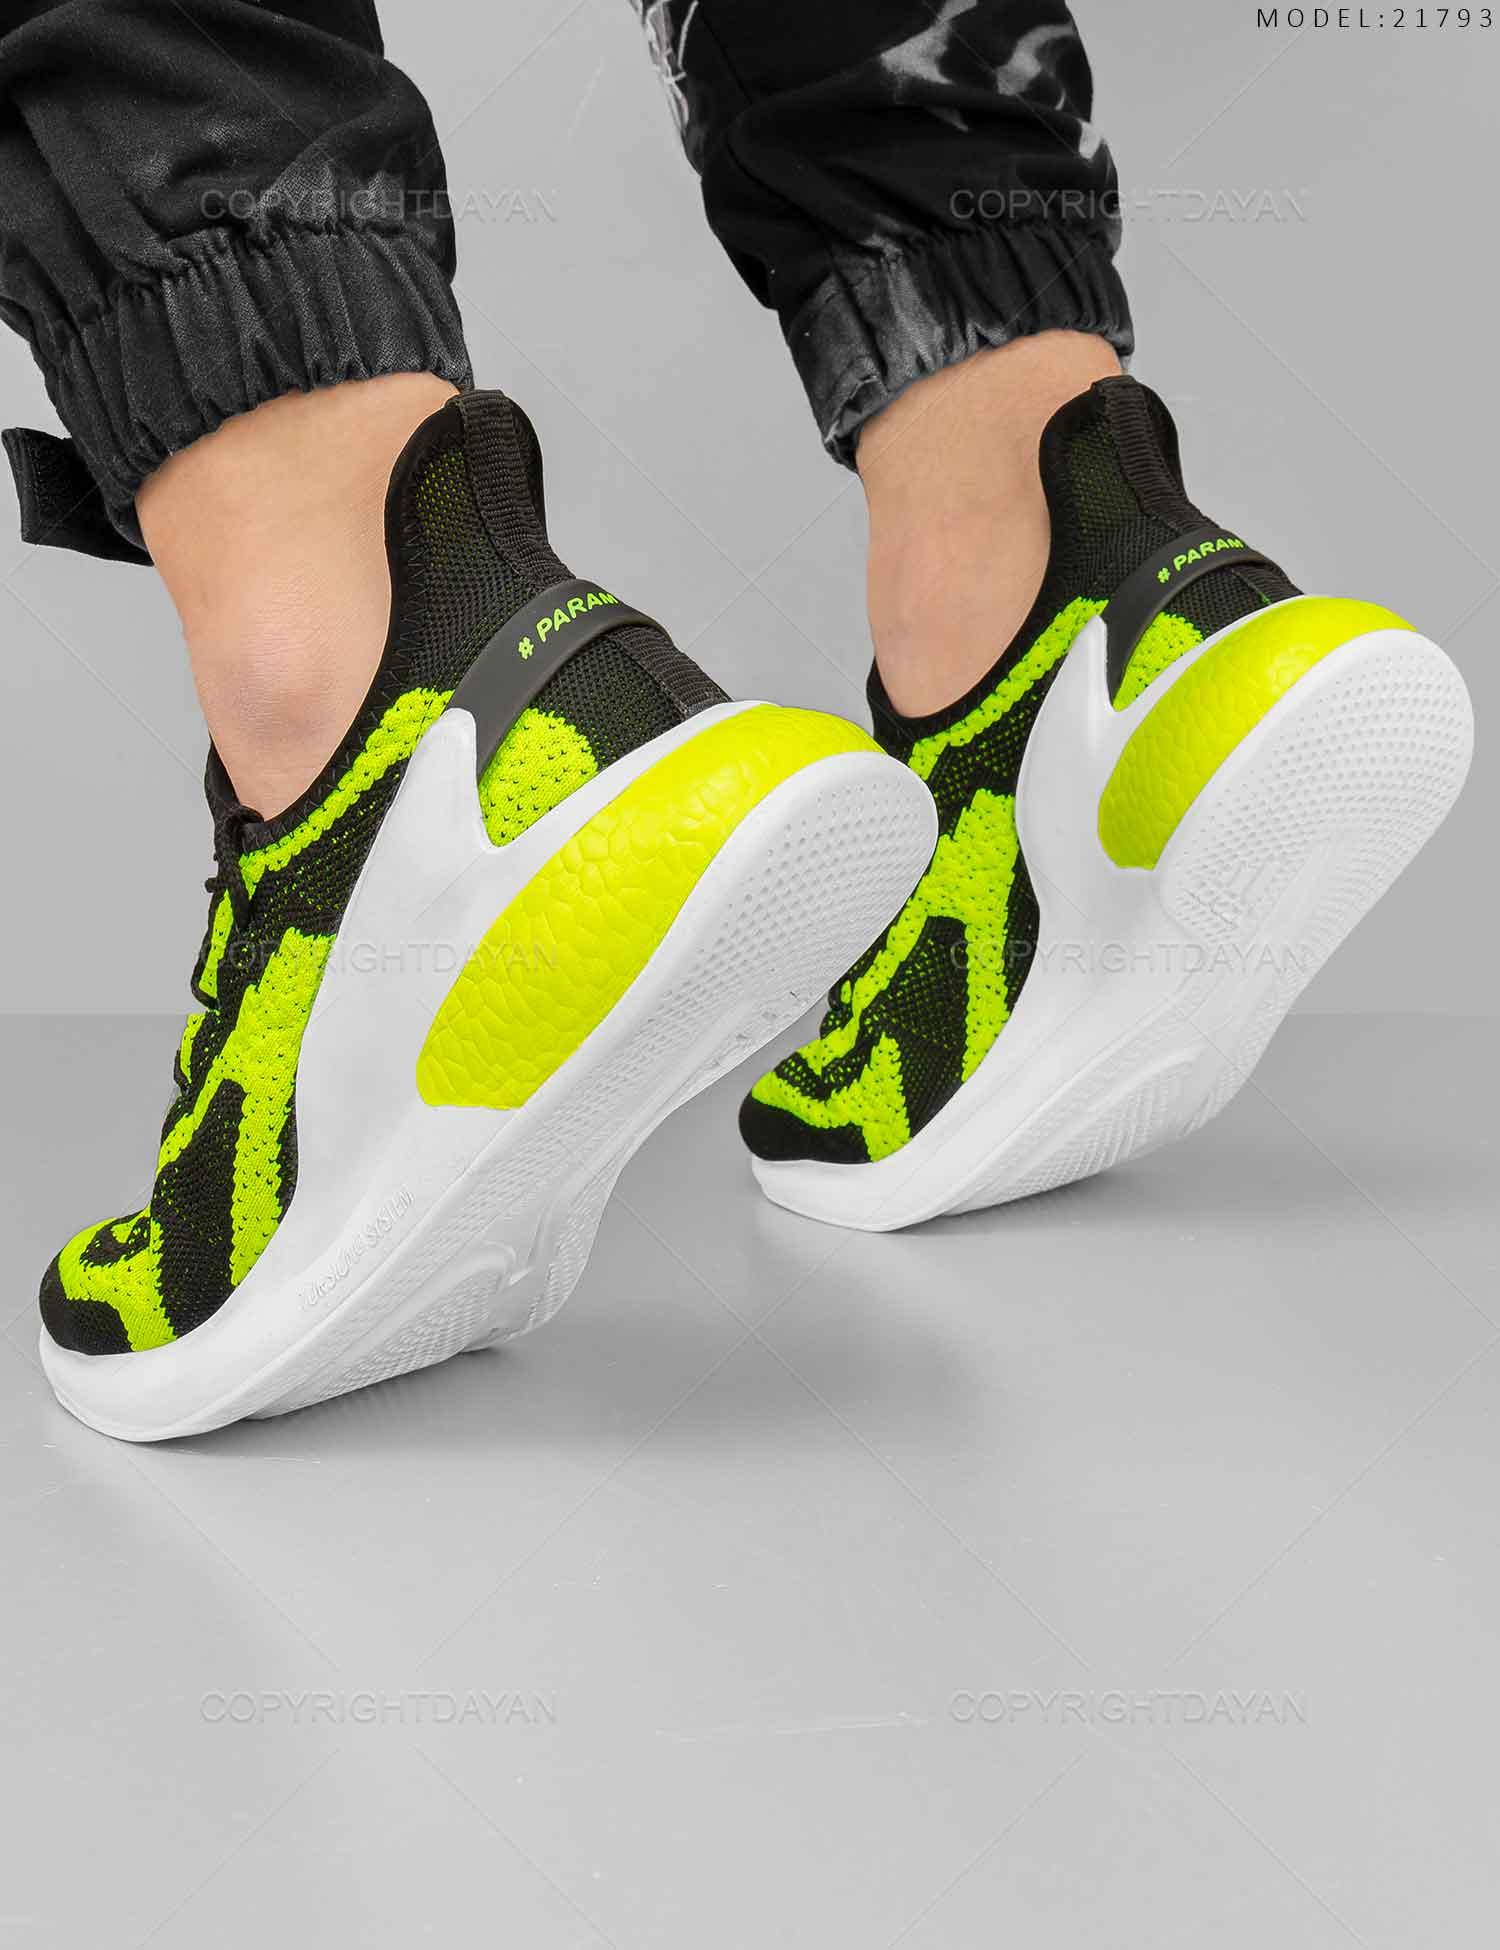 کفش ورزشی مردانه Adidas مدل 21793 کفش ورزشی مردانه Adidas مدل 21793 259,000 تومان